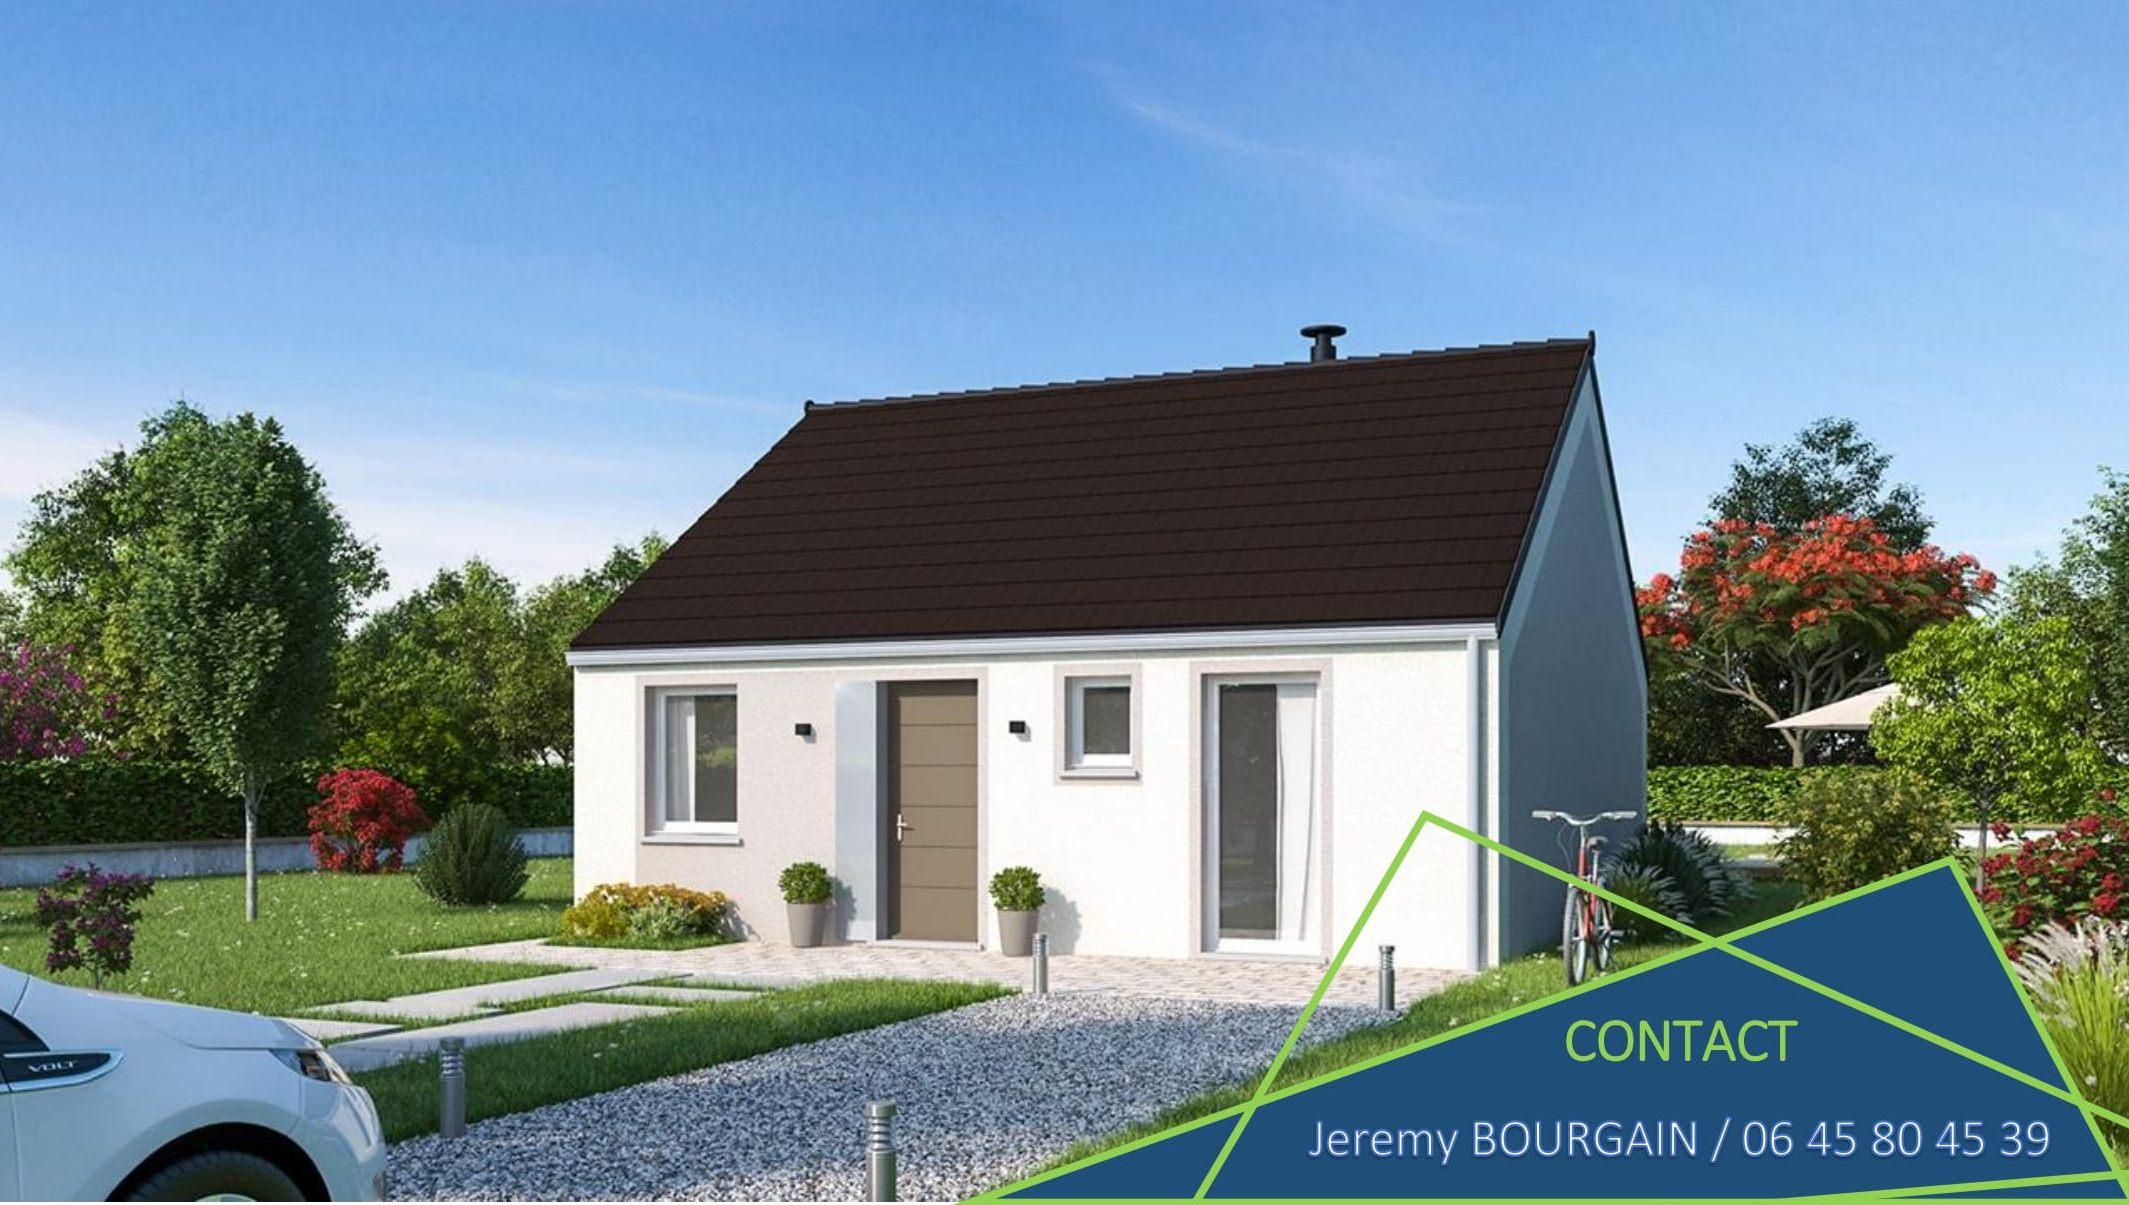 Maisons + Terrains du constructeur MAISONS PHENIX LEZENNES • 65 m² • ESTAIRES